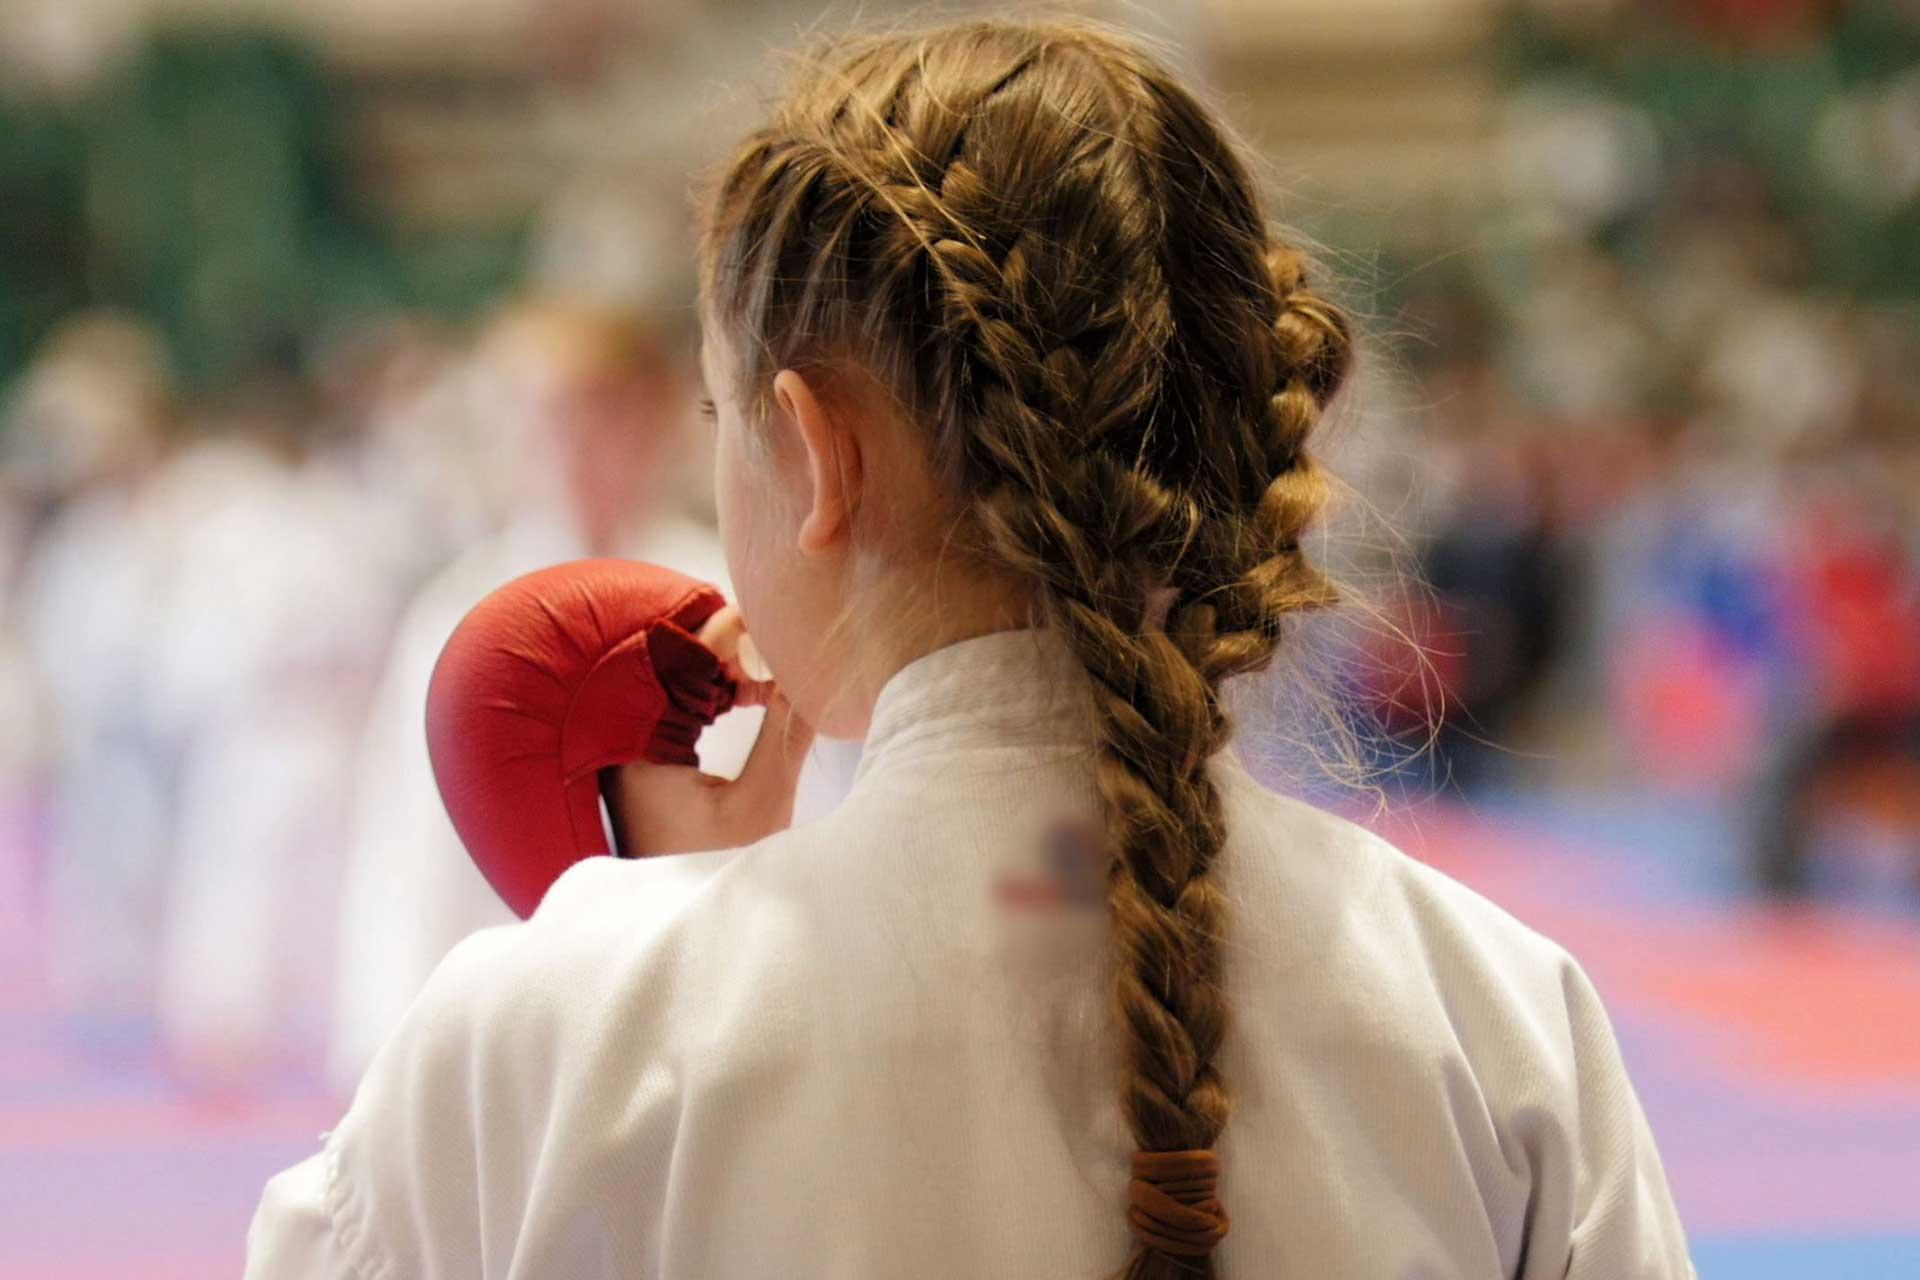 Curso protectores bucales Individualizados en deportistas amateur y de alto rendimiento teórico